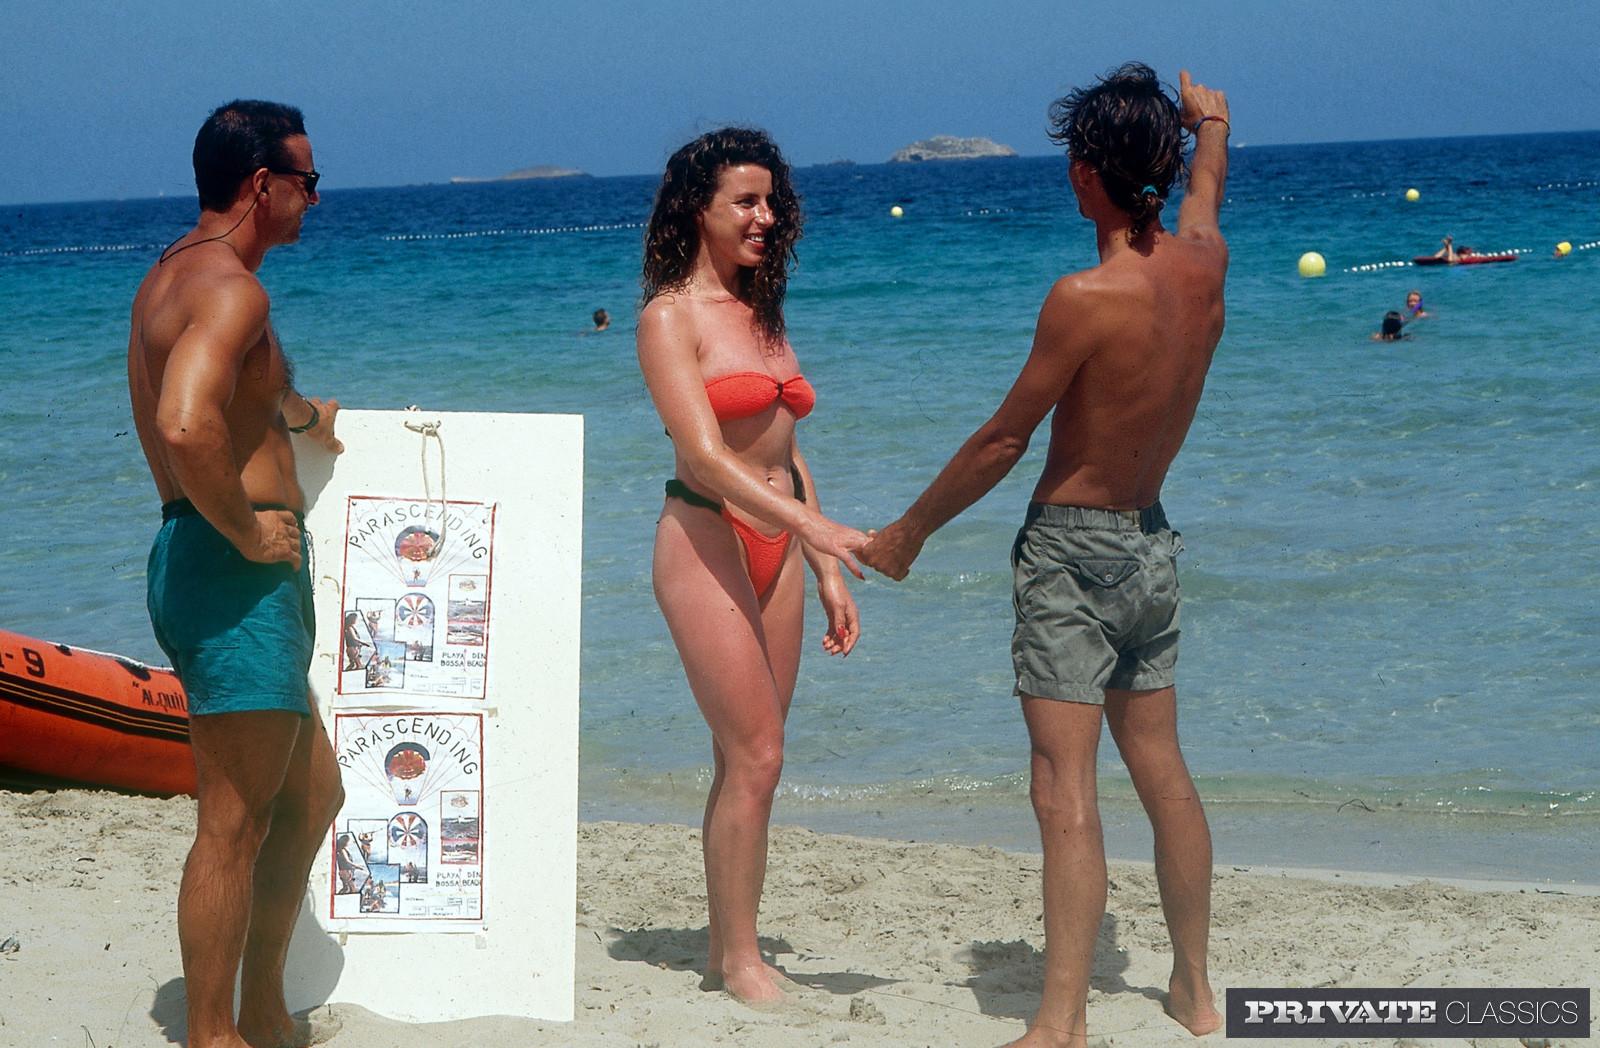 На пляже - Порно галерея № 3454040